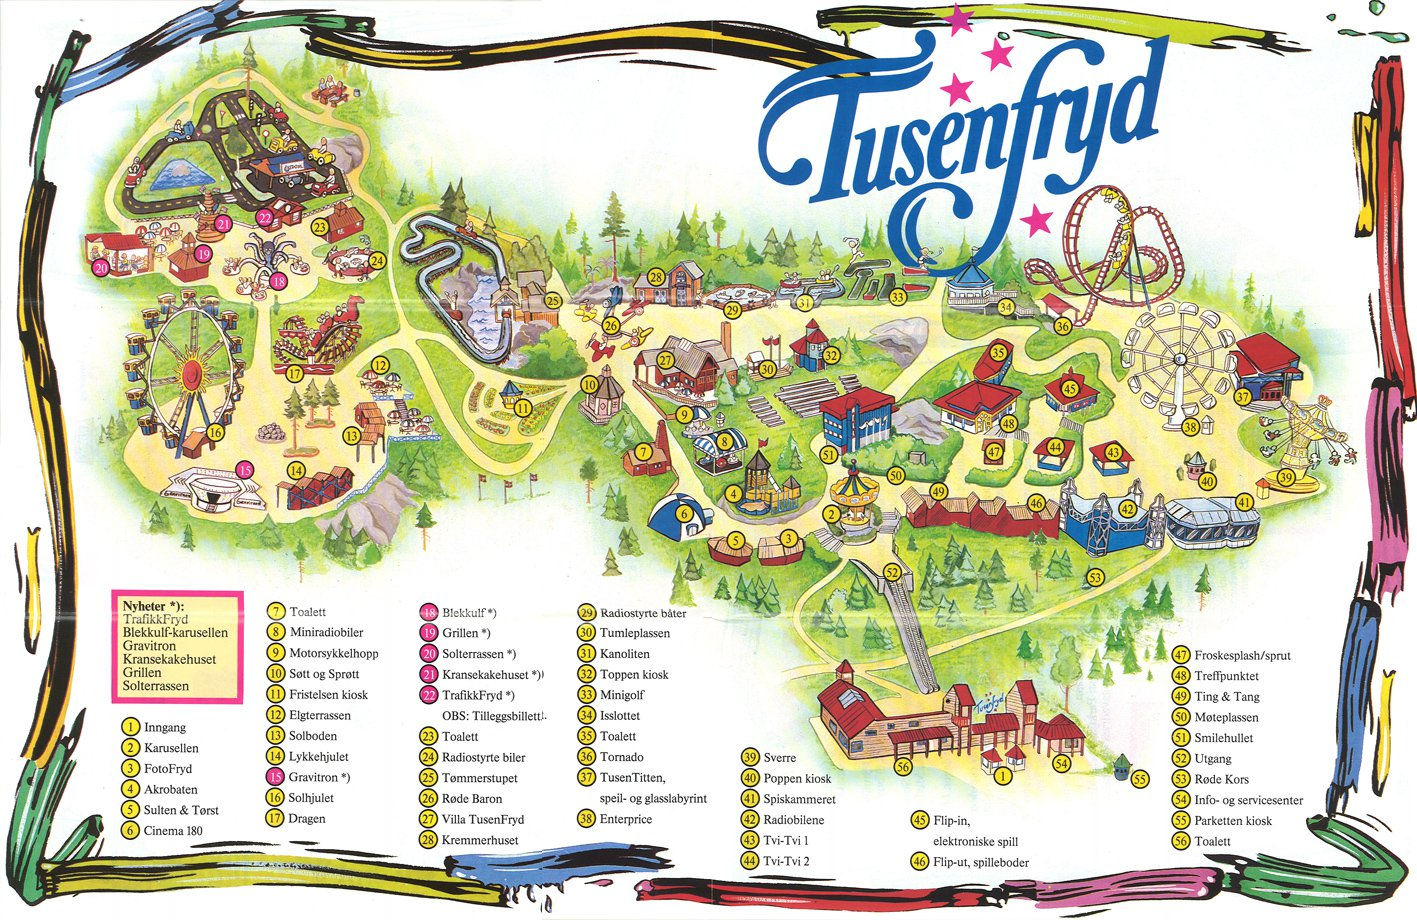 tusenfryd kart File:Parkkart fra TusenFryd (1990).   Wikimedia Commons tusenfryd kart